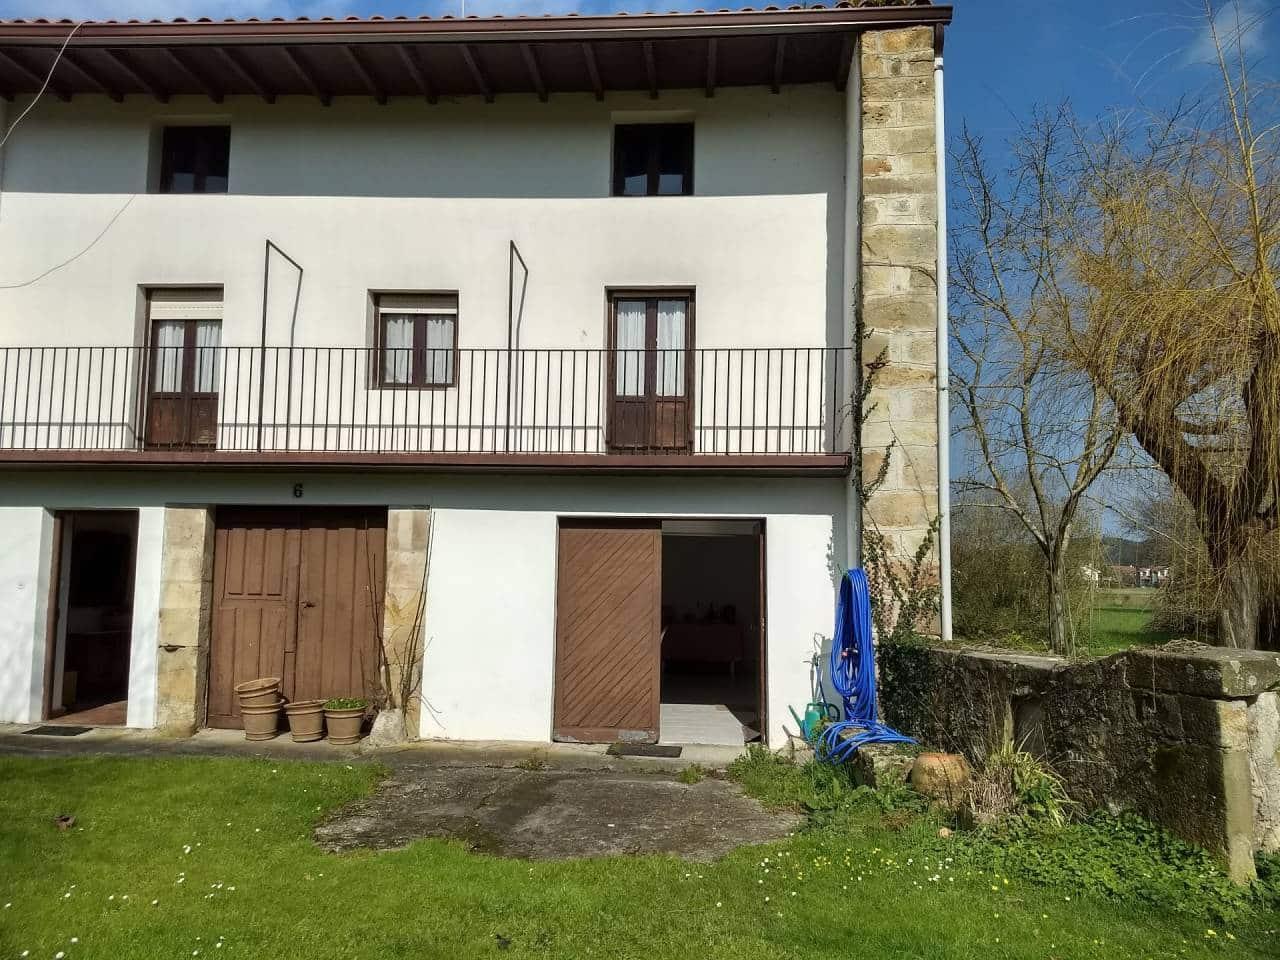 Casa de 5 habitaciones en Liendo en venta - 250.000 € (Ref: 3860673)